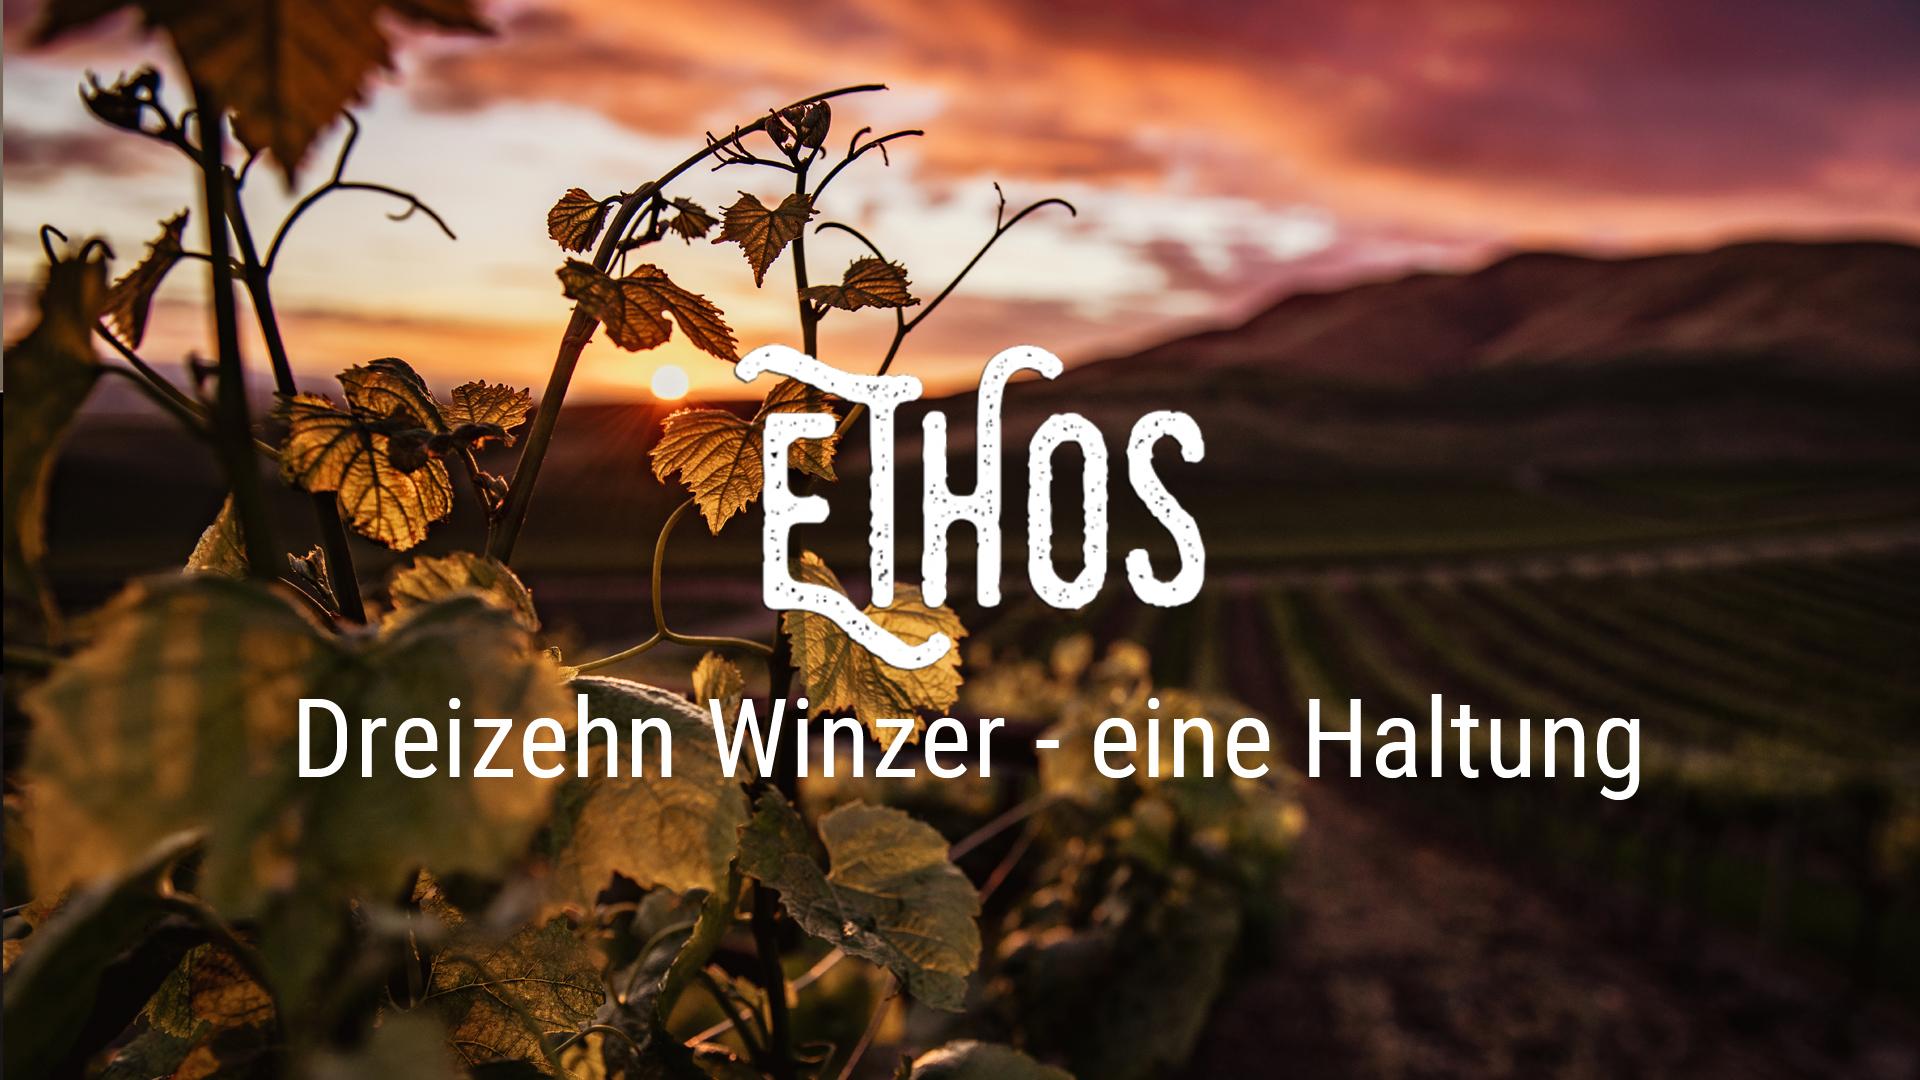 ETHOS – Dreizehn Winzer – eine Haltung